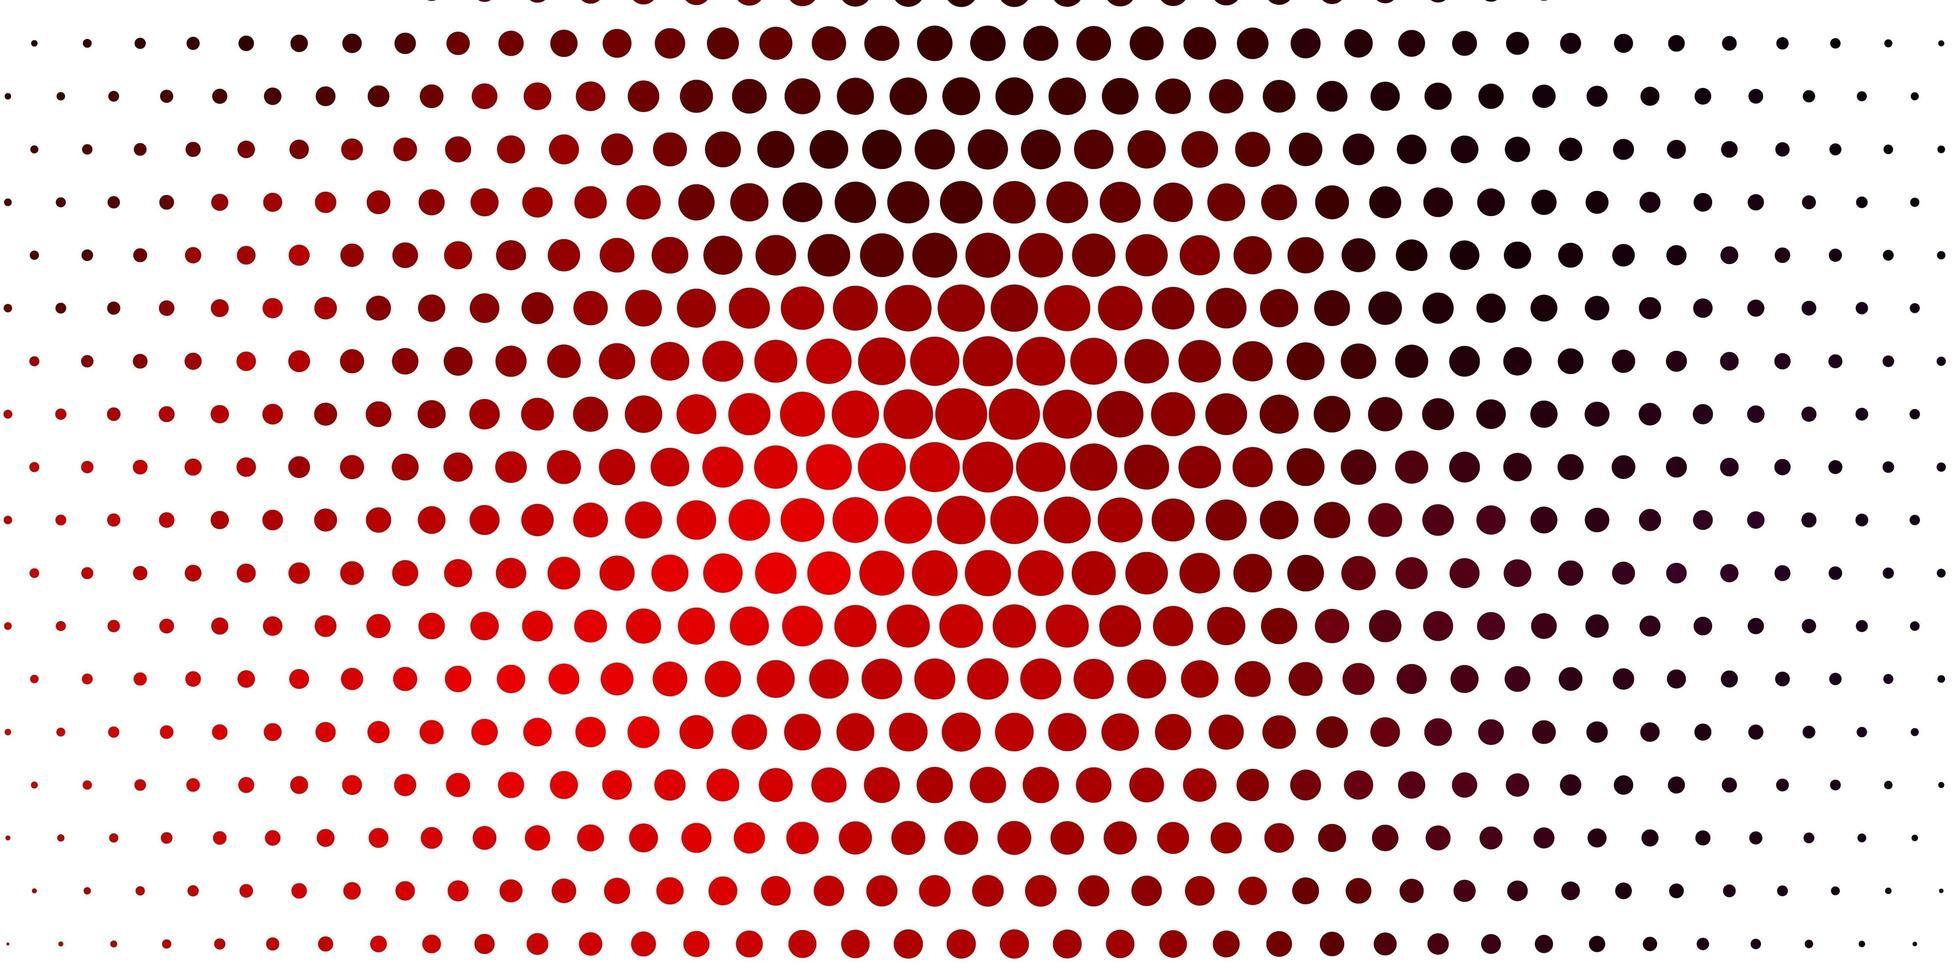 rött mönster med sfärer. vektor